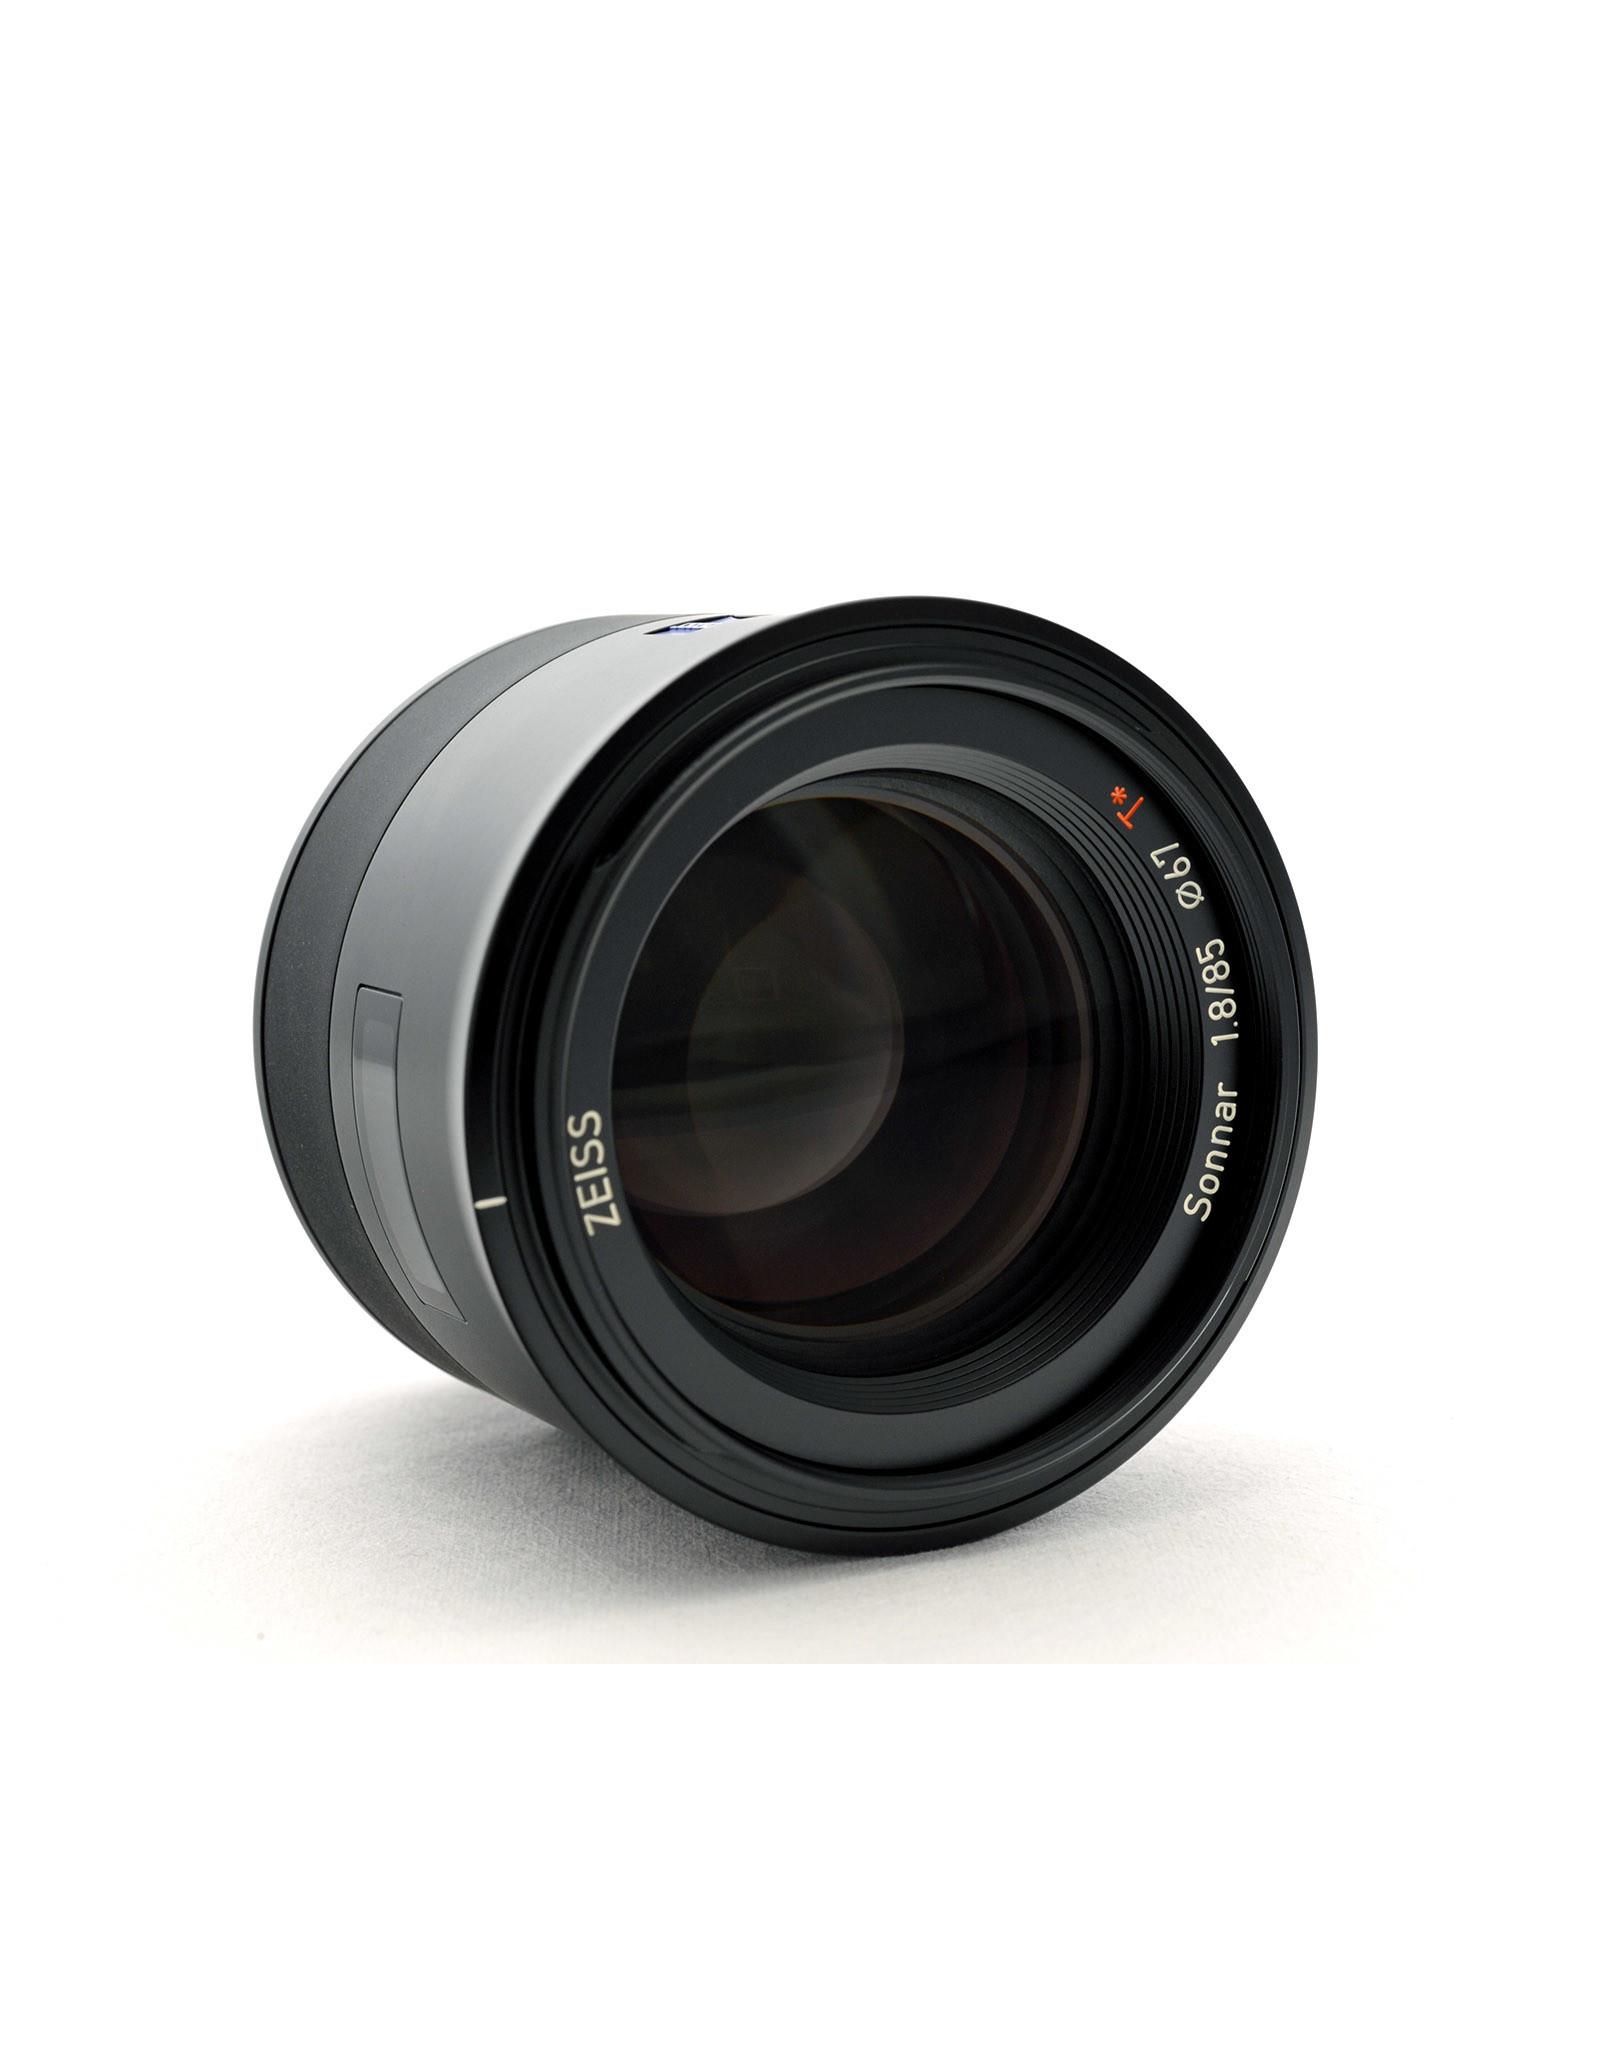 Carl Zeiss Zeiss 85mm f1.8 Sonnar E Batis   ALC110802